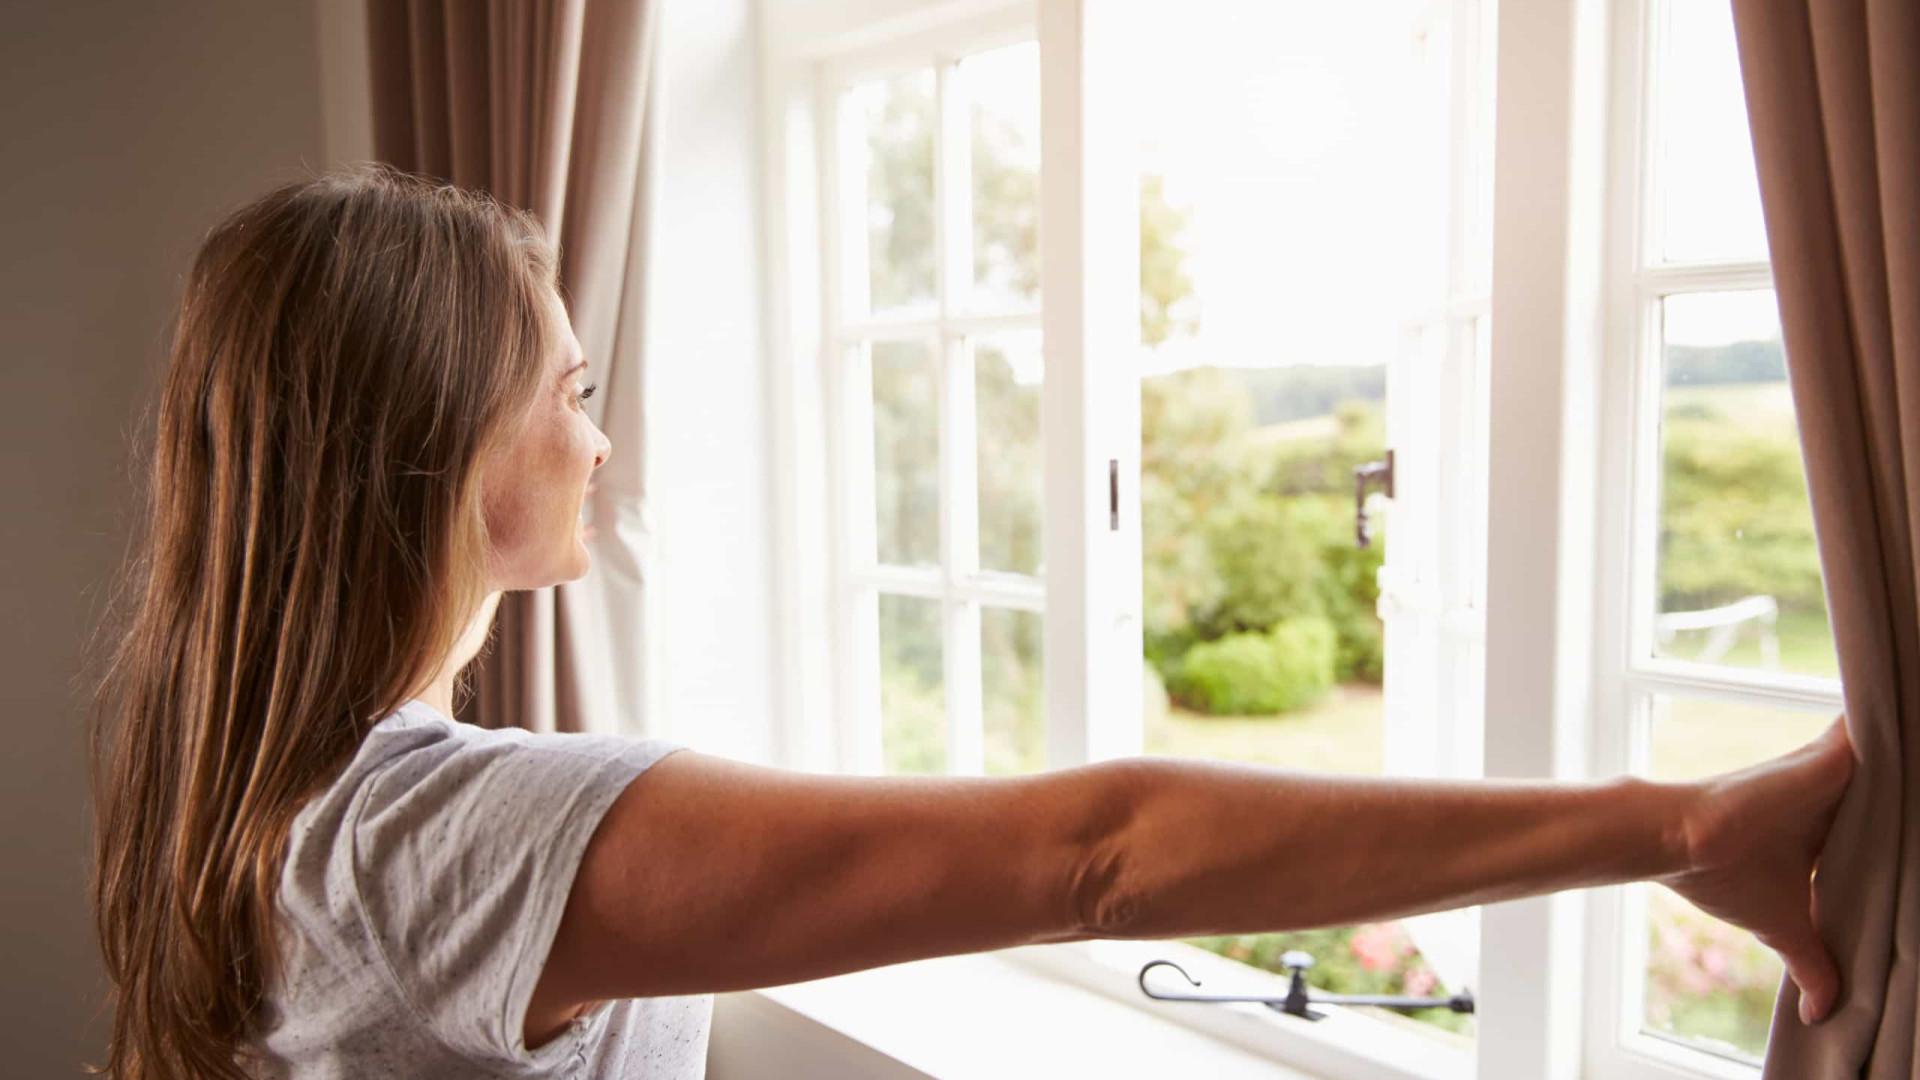 Arejar a casa traz benefícios mesmo nos dias mais frios. Sabe porquê?